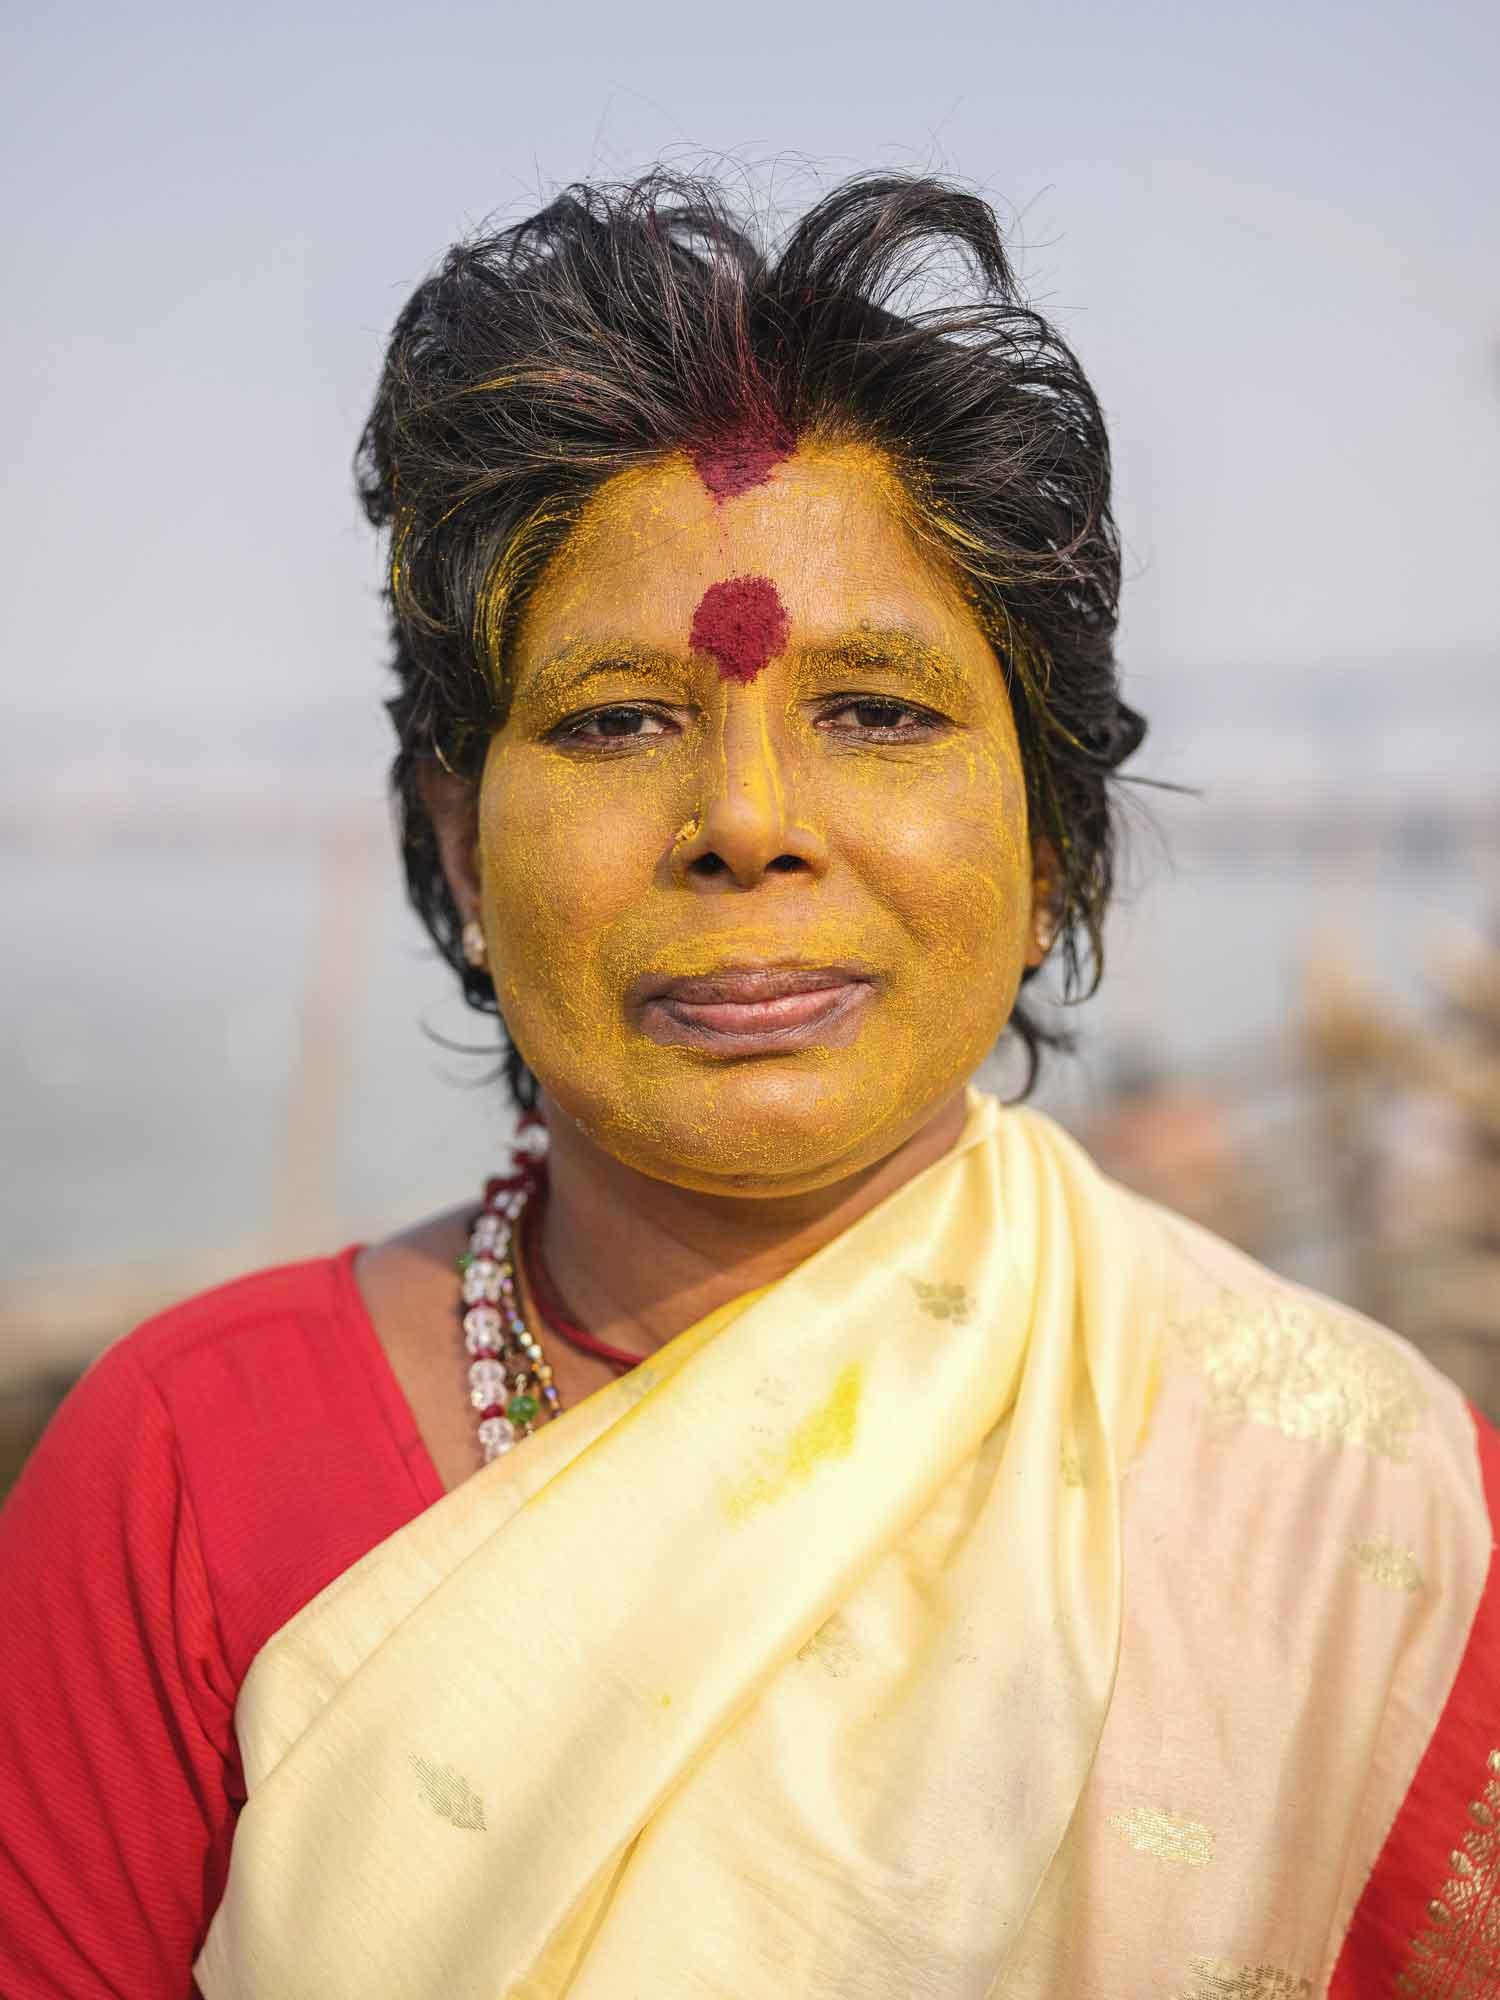 Documentary Photography Kumbh Mela India Travel Jose Jeuland 8